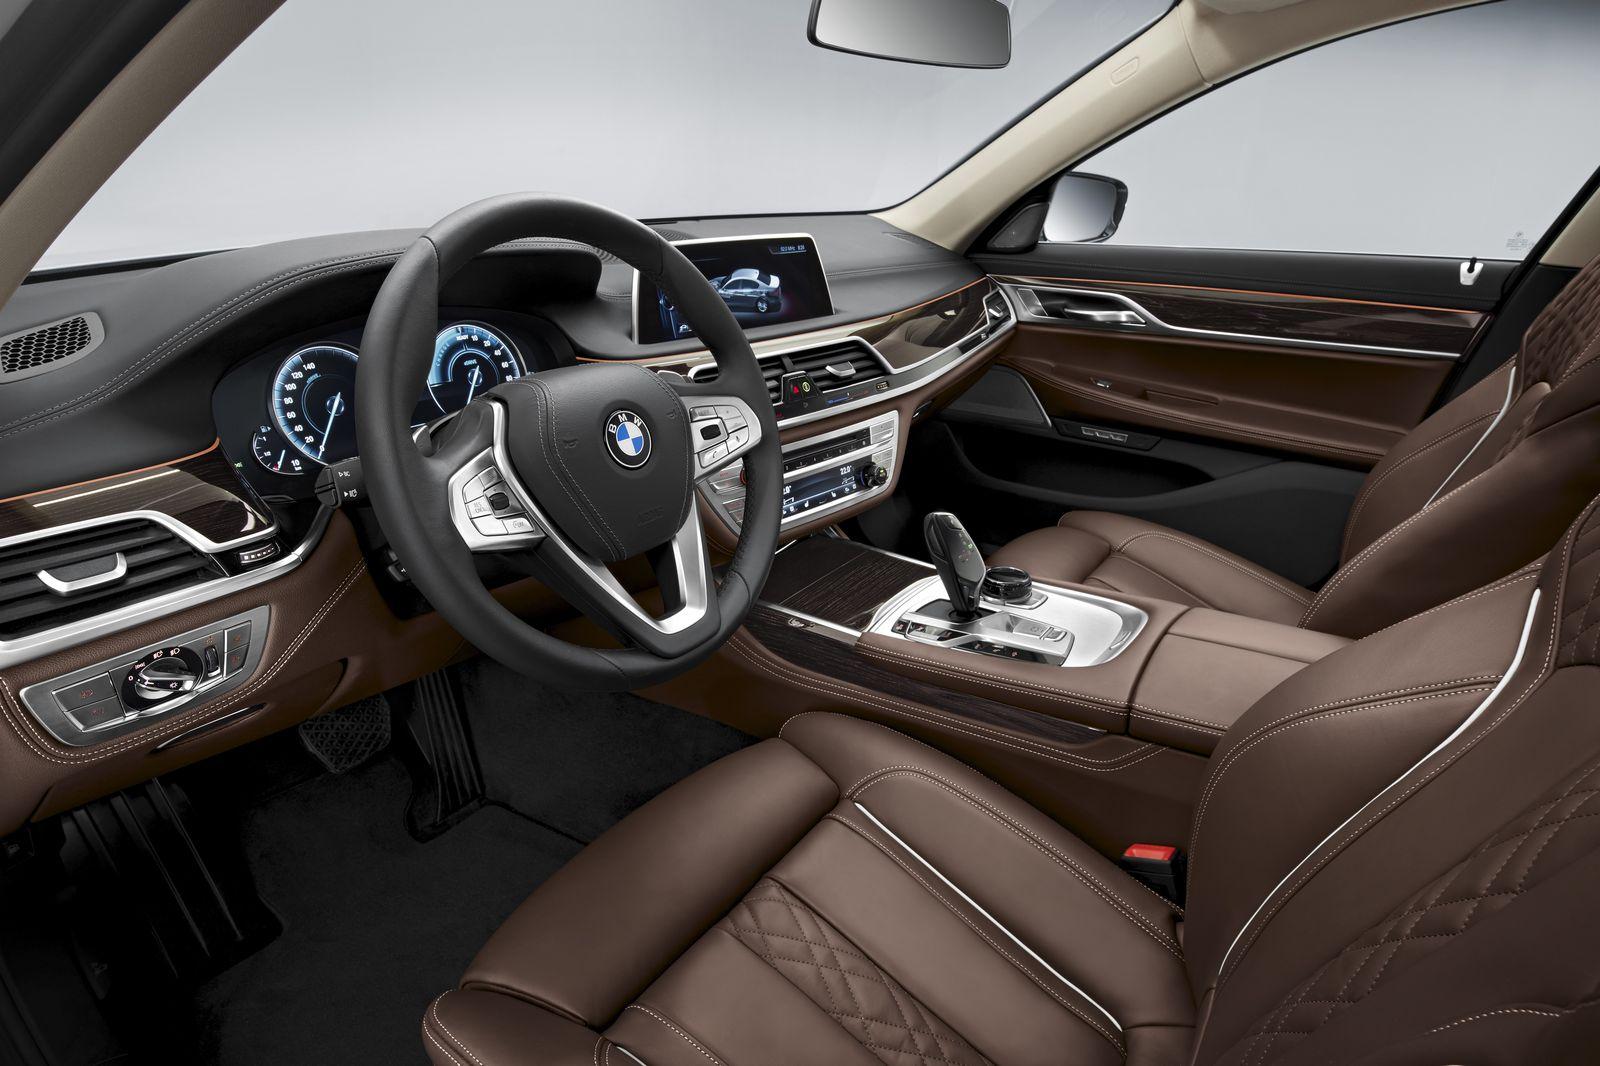 BMW 740e — interior